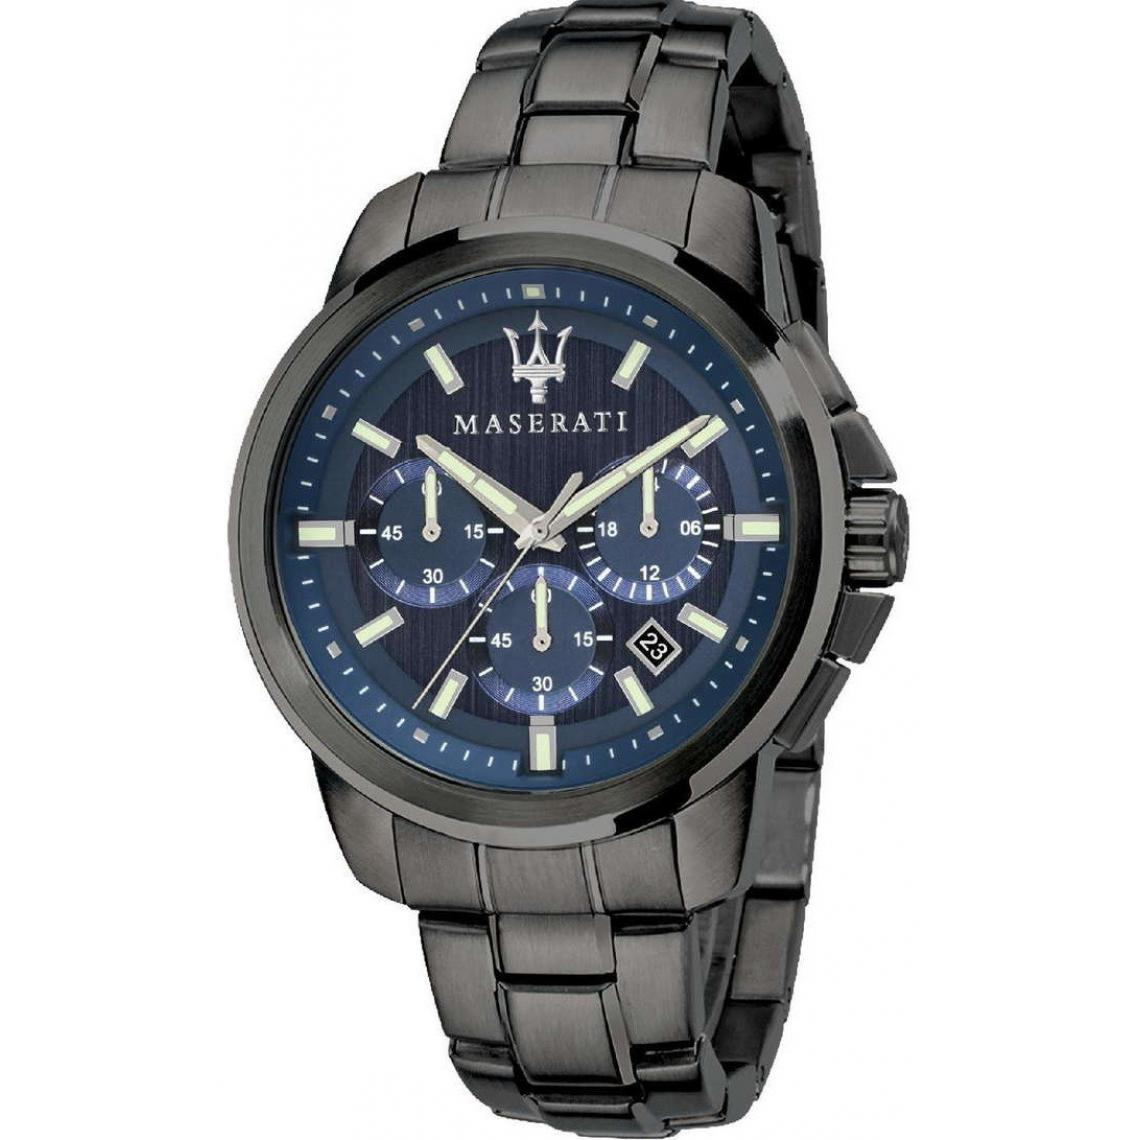 Montre R8873621005 - Montre Successo Dateur Chronographe - Maserati - Modalova